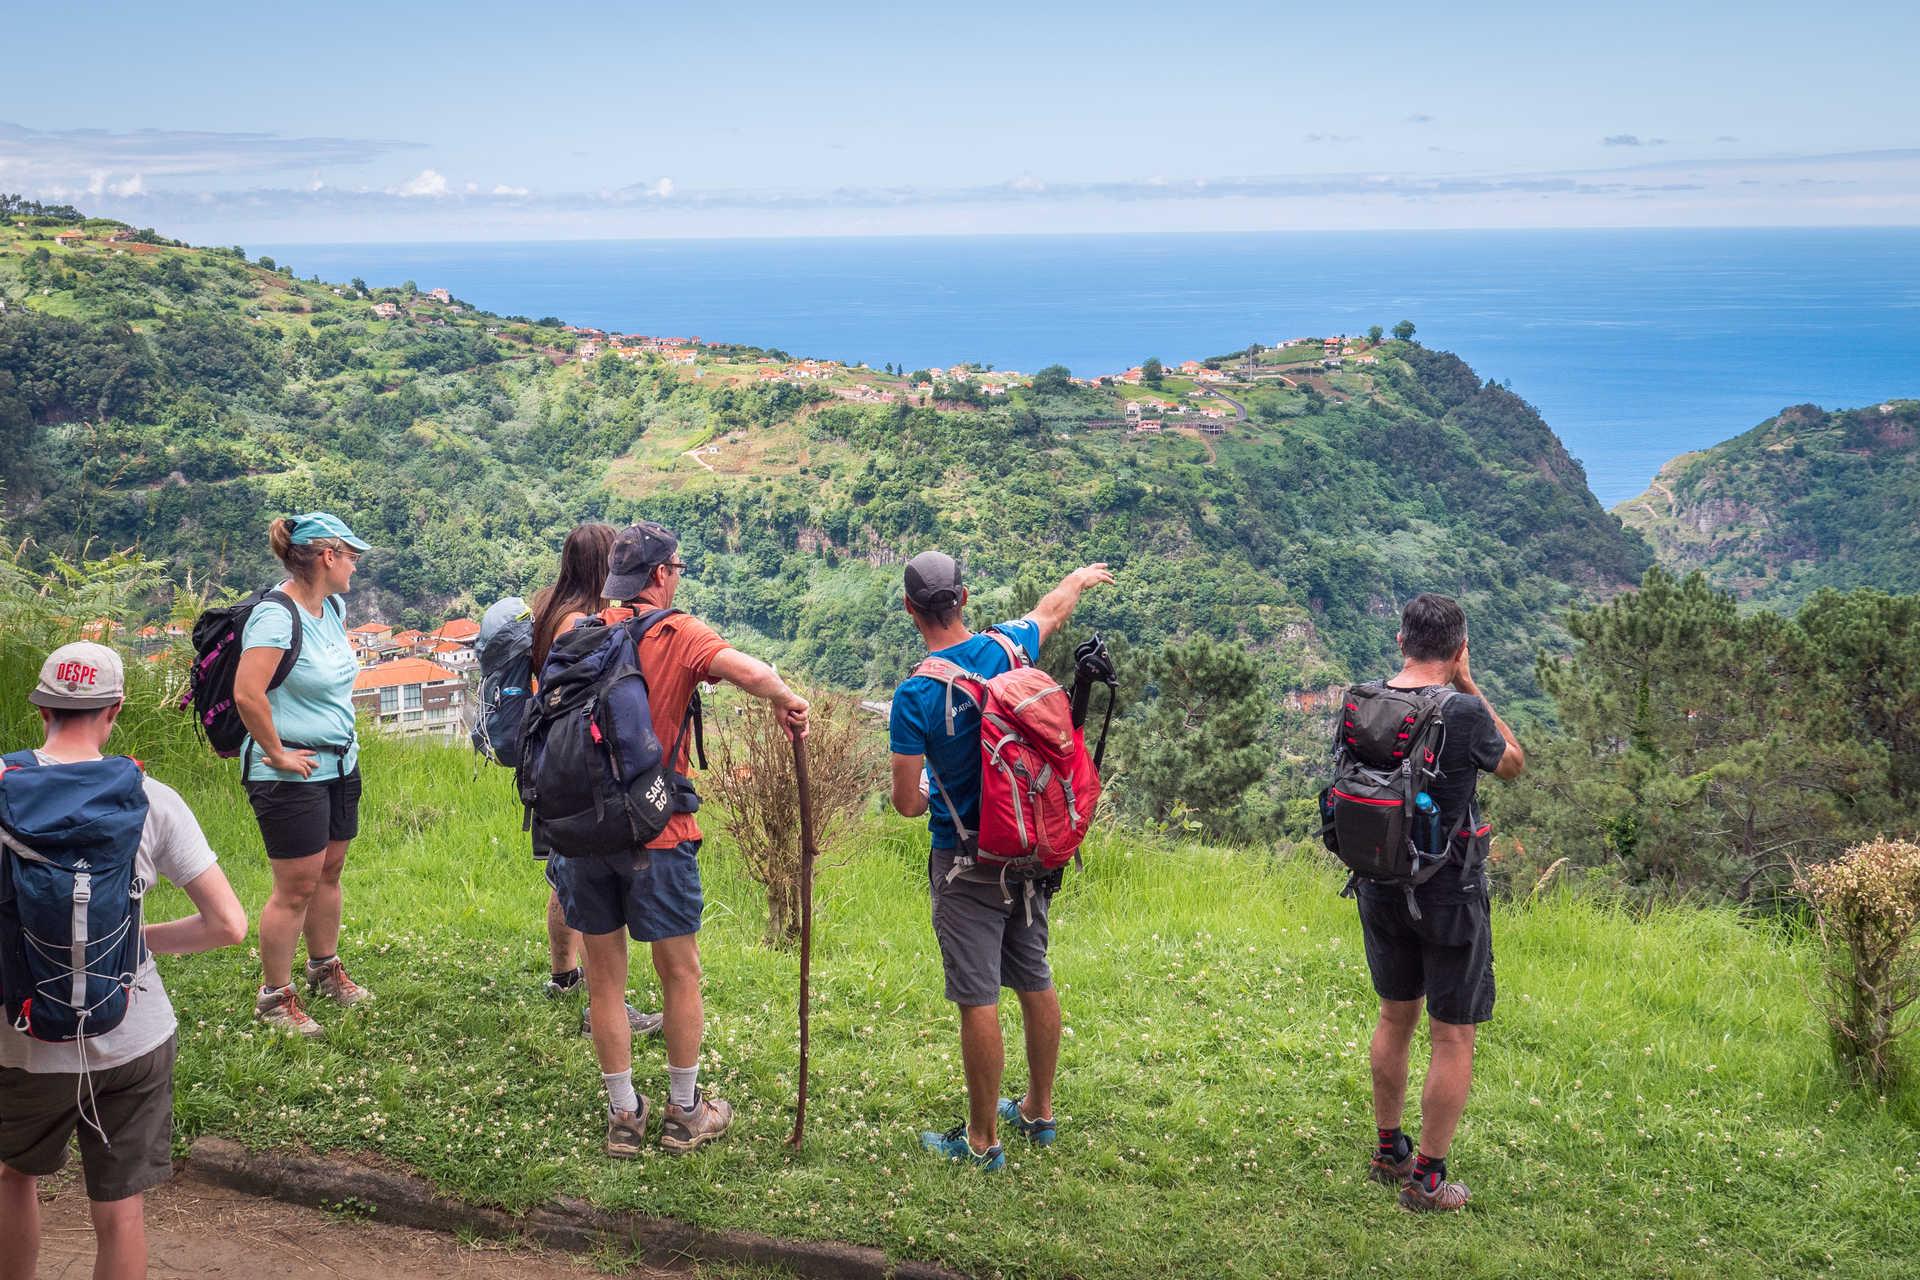 Explication du guide devant un panorama avec vue sur la mer